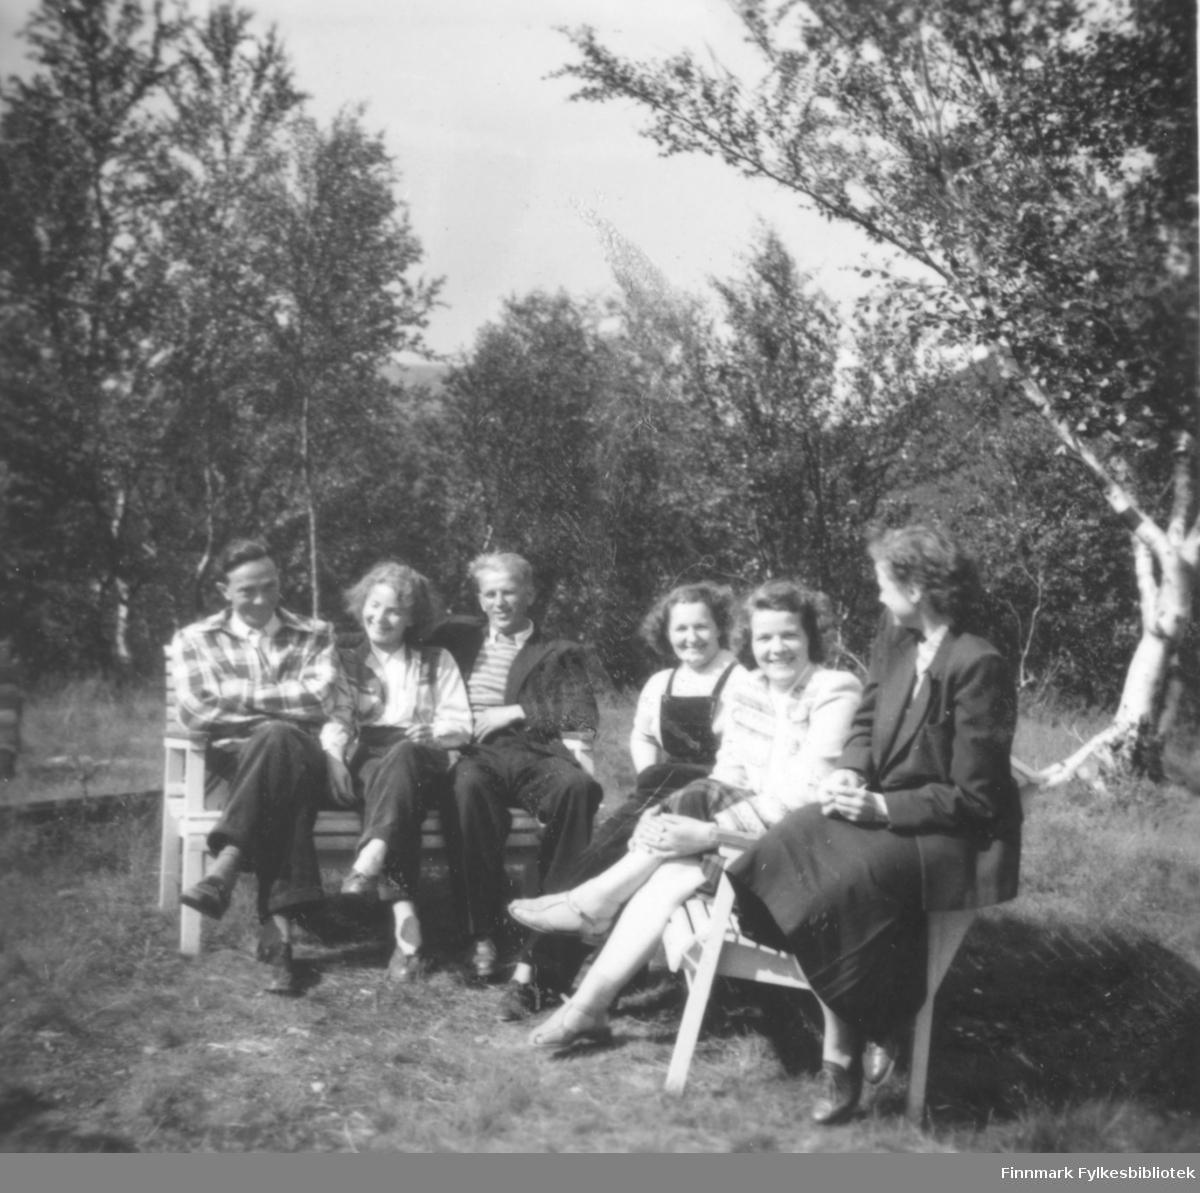 Gruppebilde fotografert utendørs, ca. 1953-1954. Fra venstre: Kåre Pedersen, Elna Johnsen, Alf Tuomainen, Lisbeth Pedersen, Ragnhild Ebeltoft og Magnhild Niska